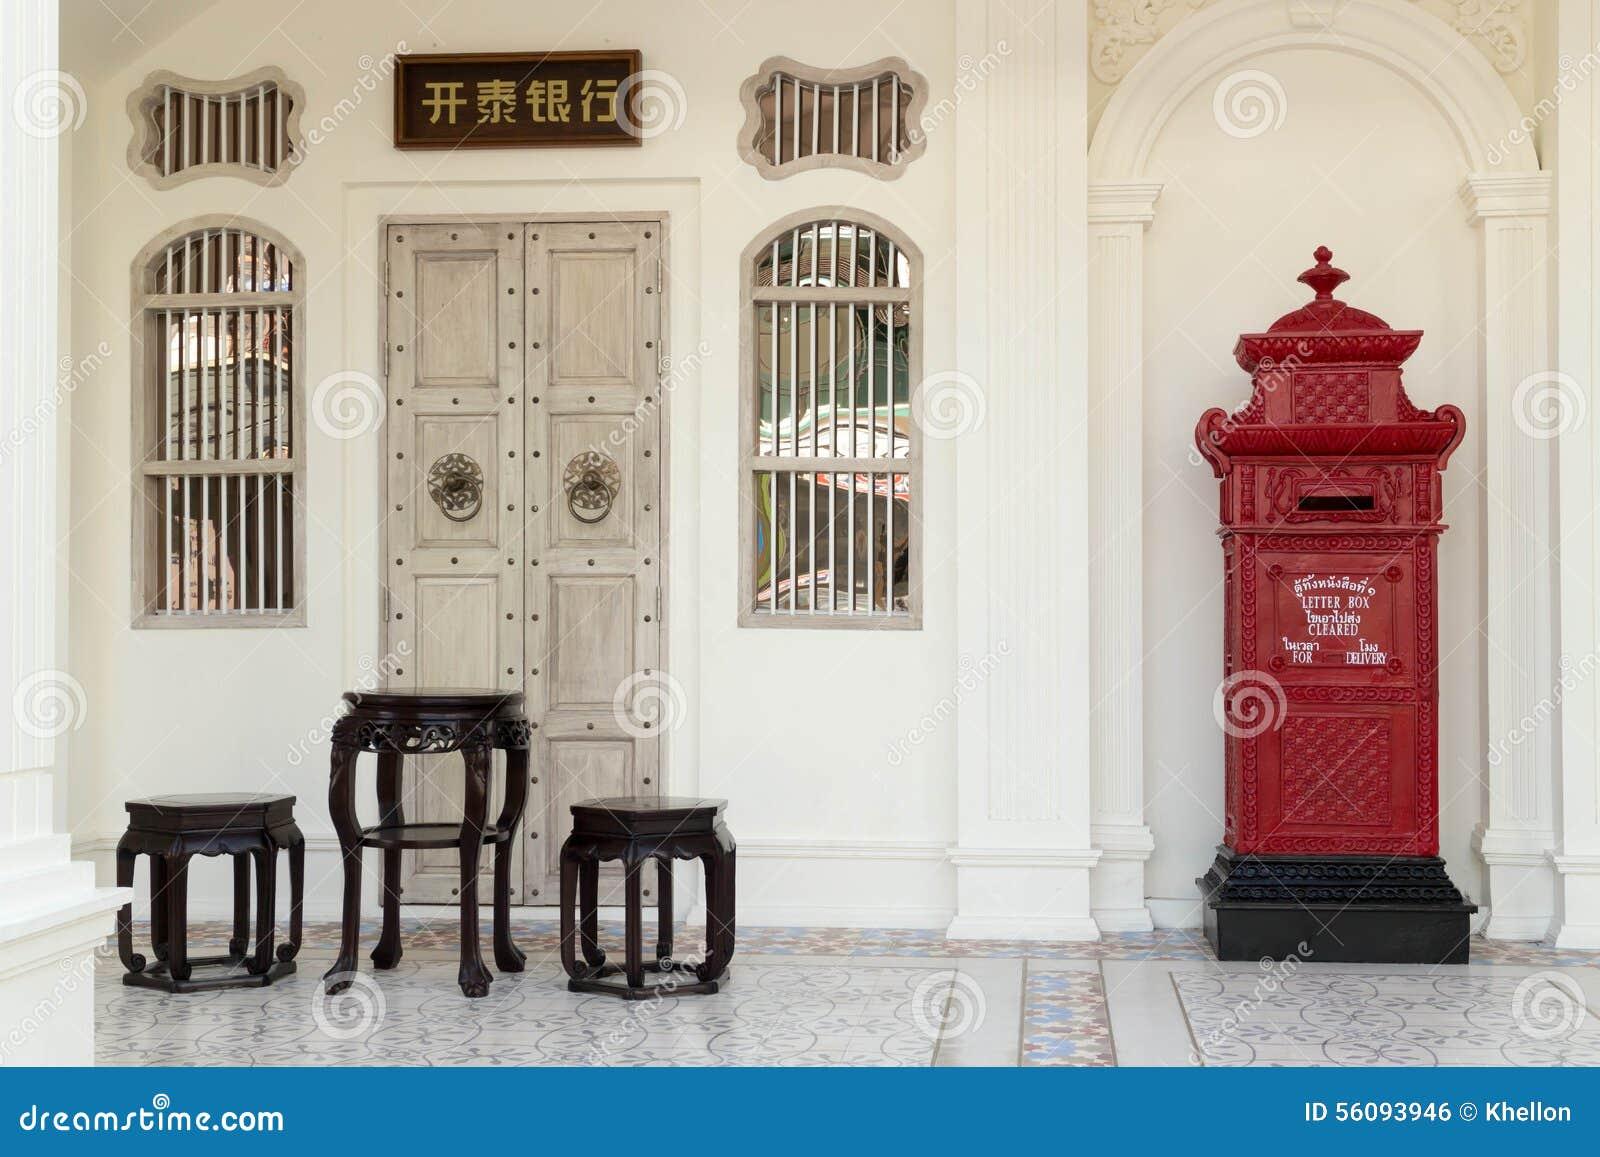 Meubles Et Bo Te Aux Lettres Chinois Photo Stock Image Du  # Meuble Copie Chinois